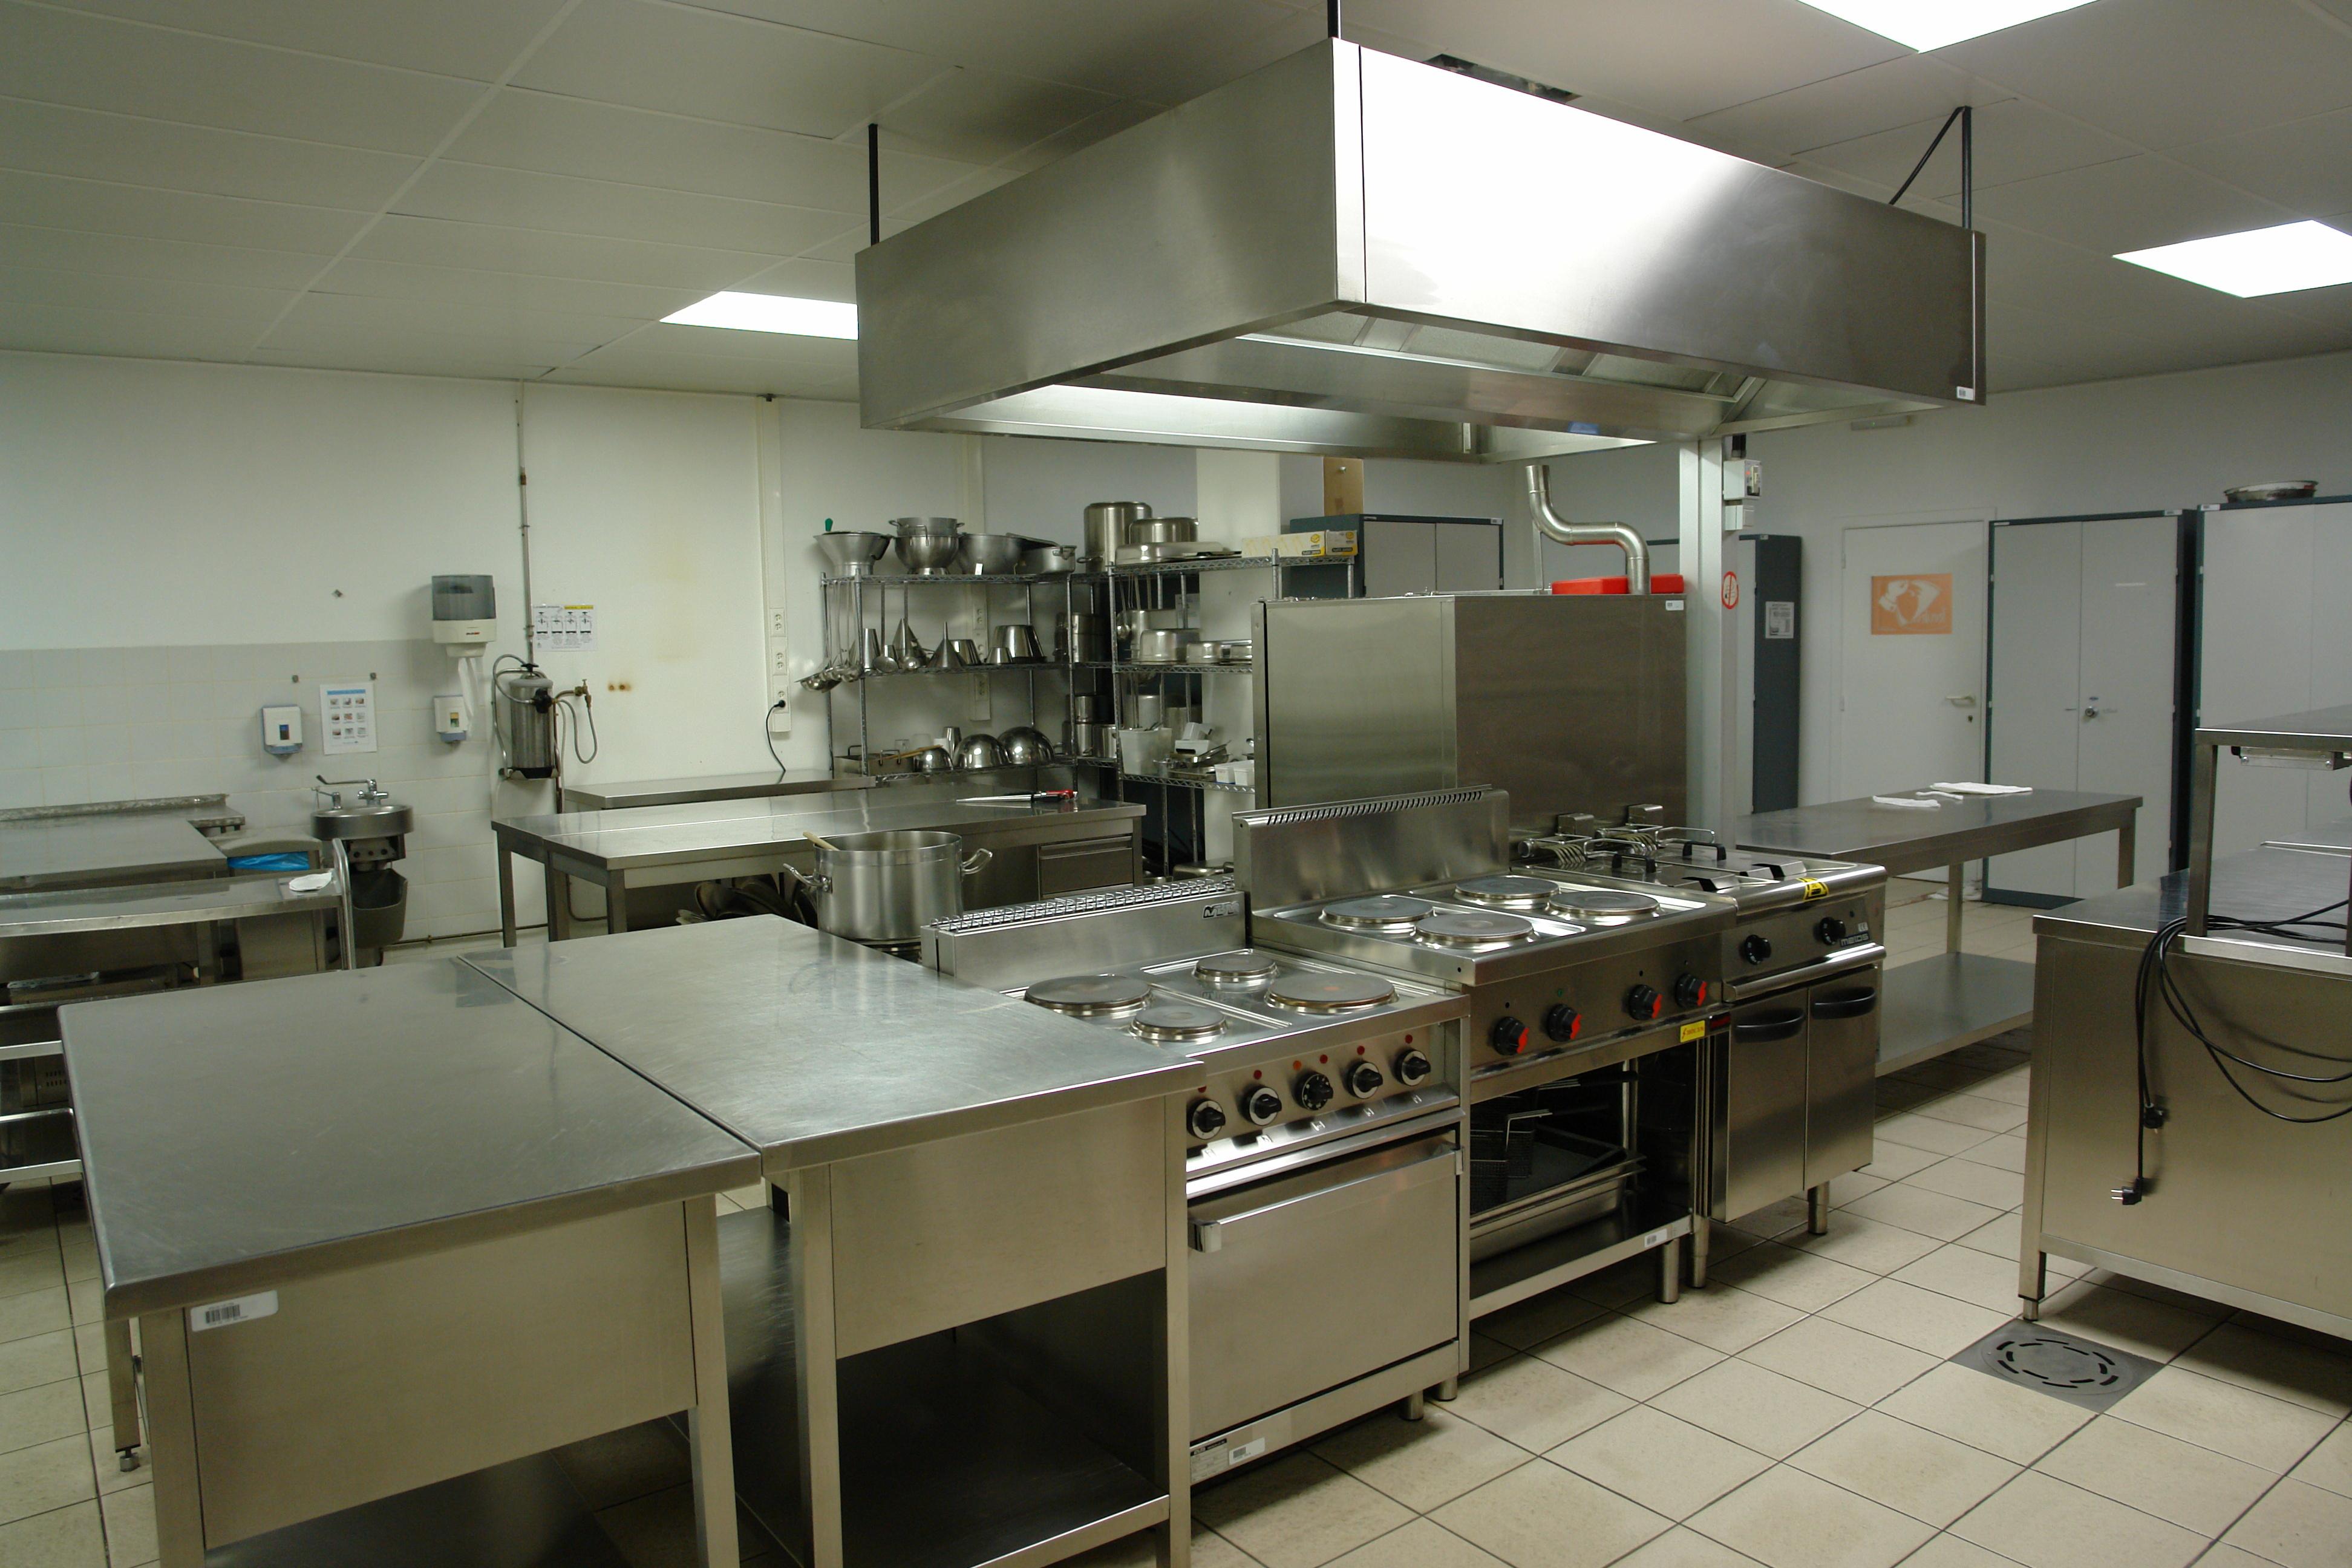 Merveilleux Kitchen Equipment Cleaning